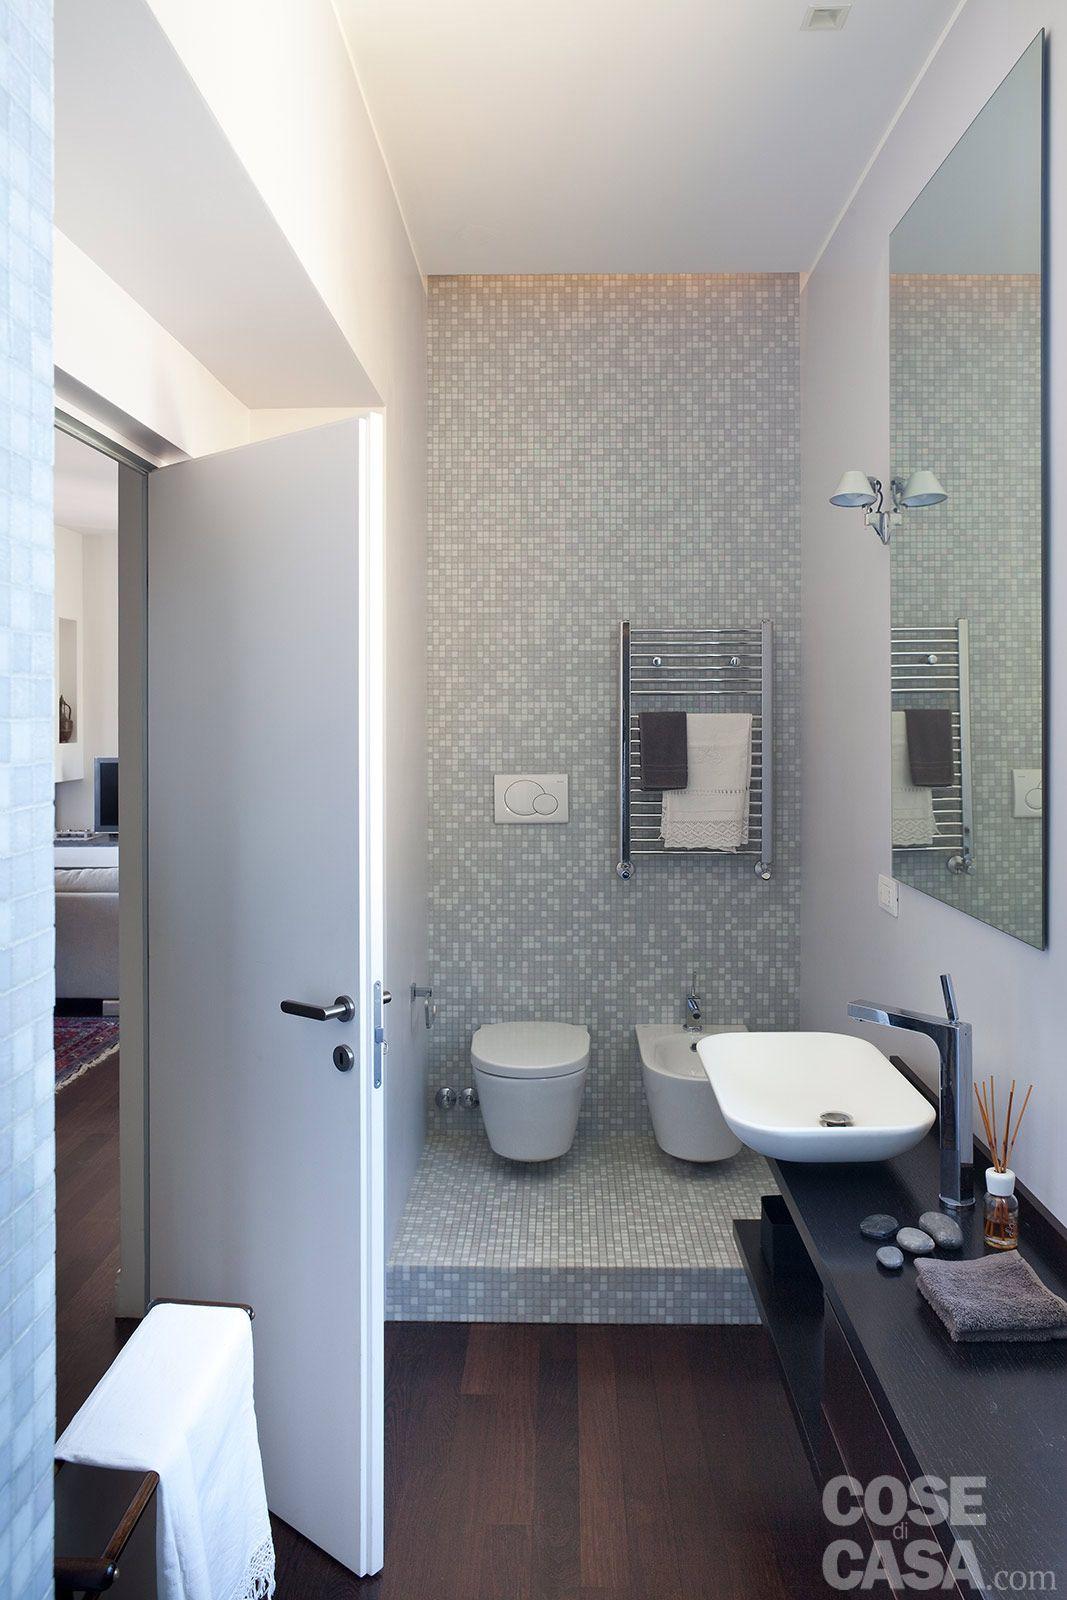 Nel bilocale sono stati recuperati 14 mq per cucina e bagno grazie ... : e-bagno : Design